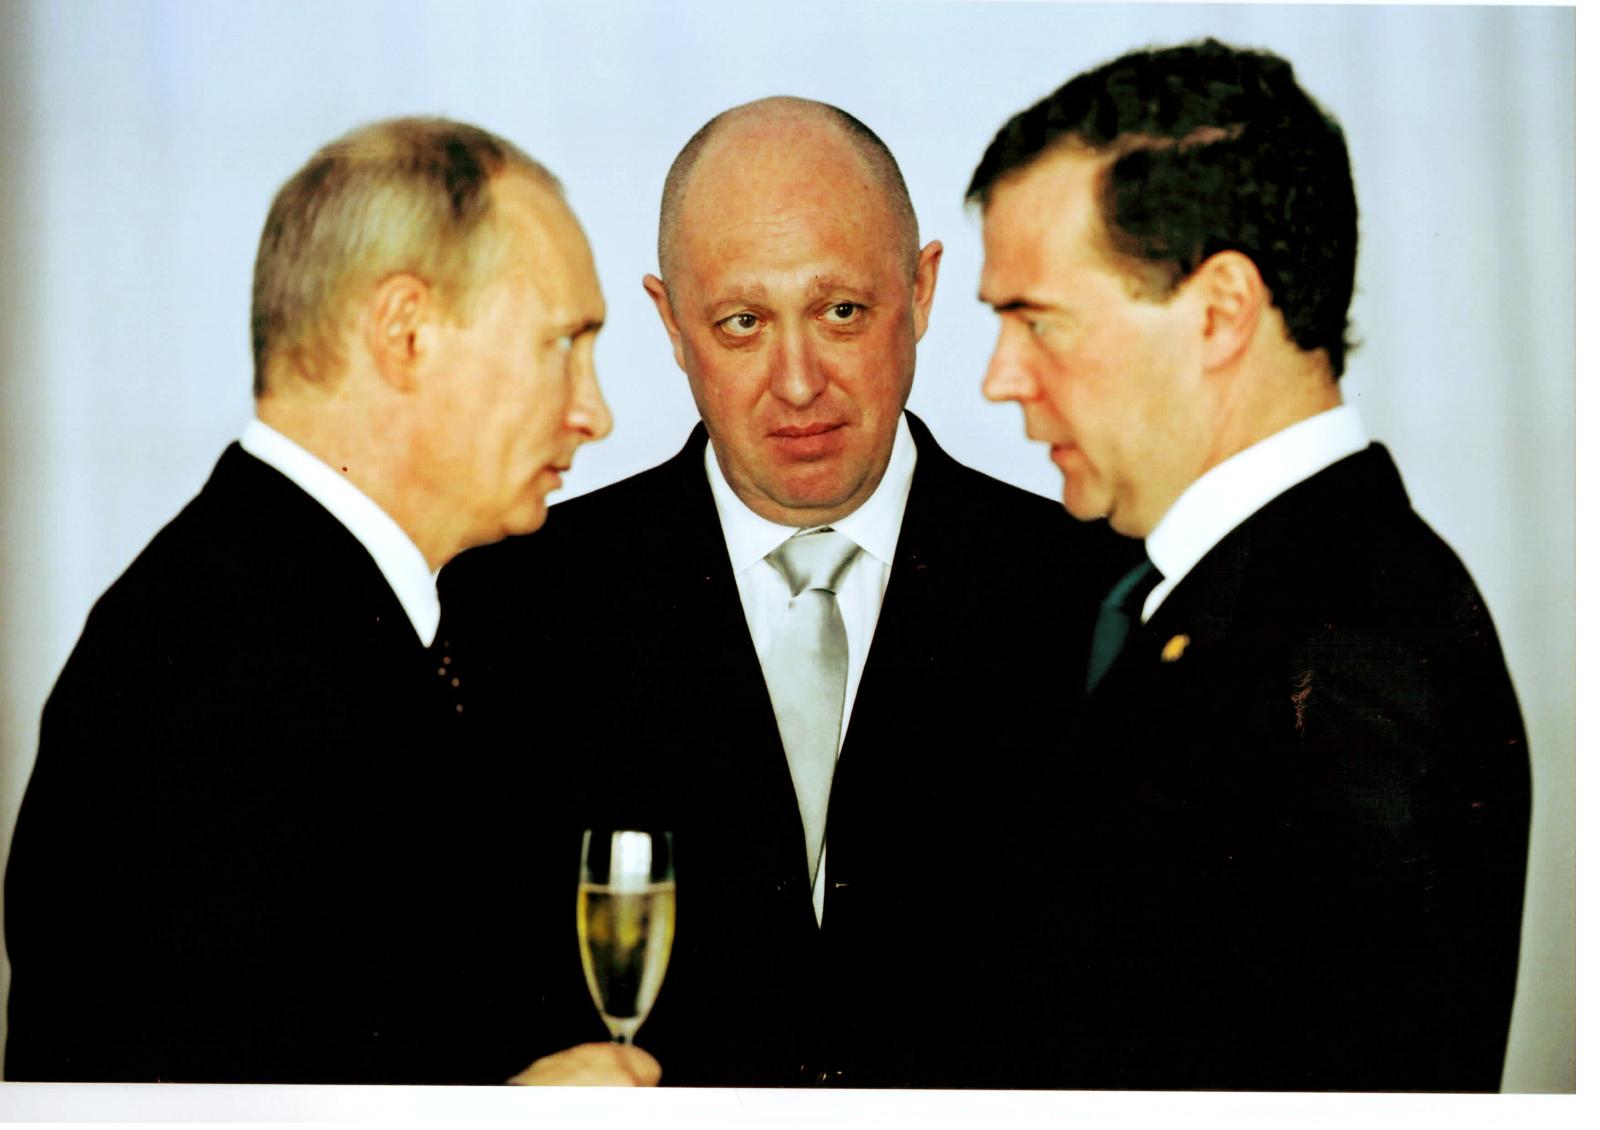 Пригожин Евгений Викторович биография и пресс-портрет.